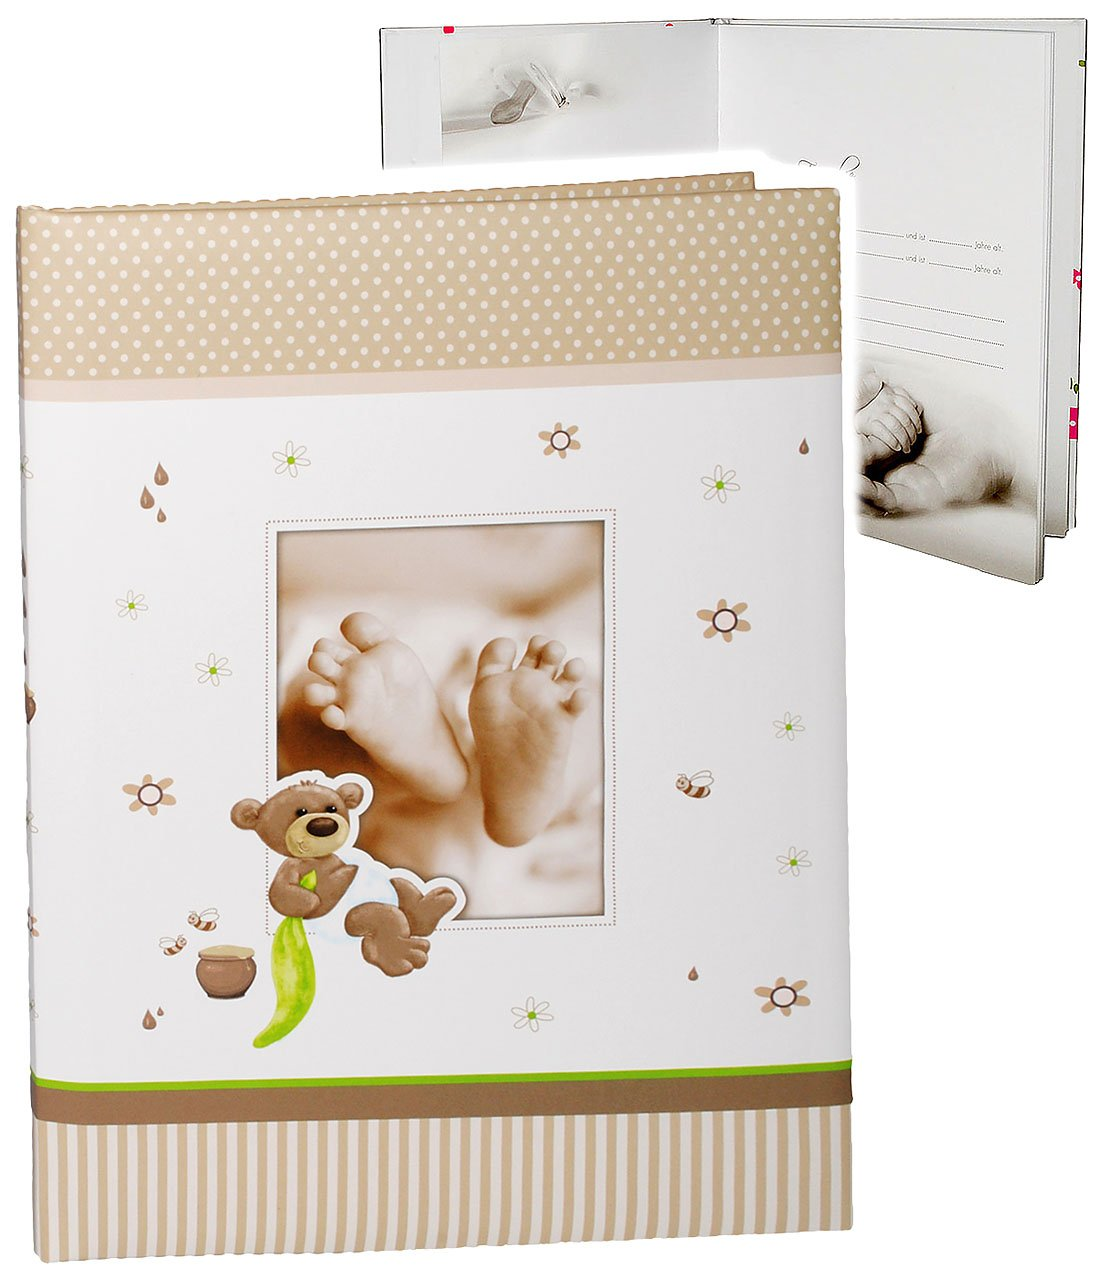 alles-meine.de GmbH Babytagebuch - Baby - süßer Teddybär & Babyfüße - incl. Name - Gebunden zum Einkleben & Eintragen - groß - Fotobuch / Fotoalbum / Babyalbum / Album - für ..